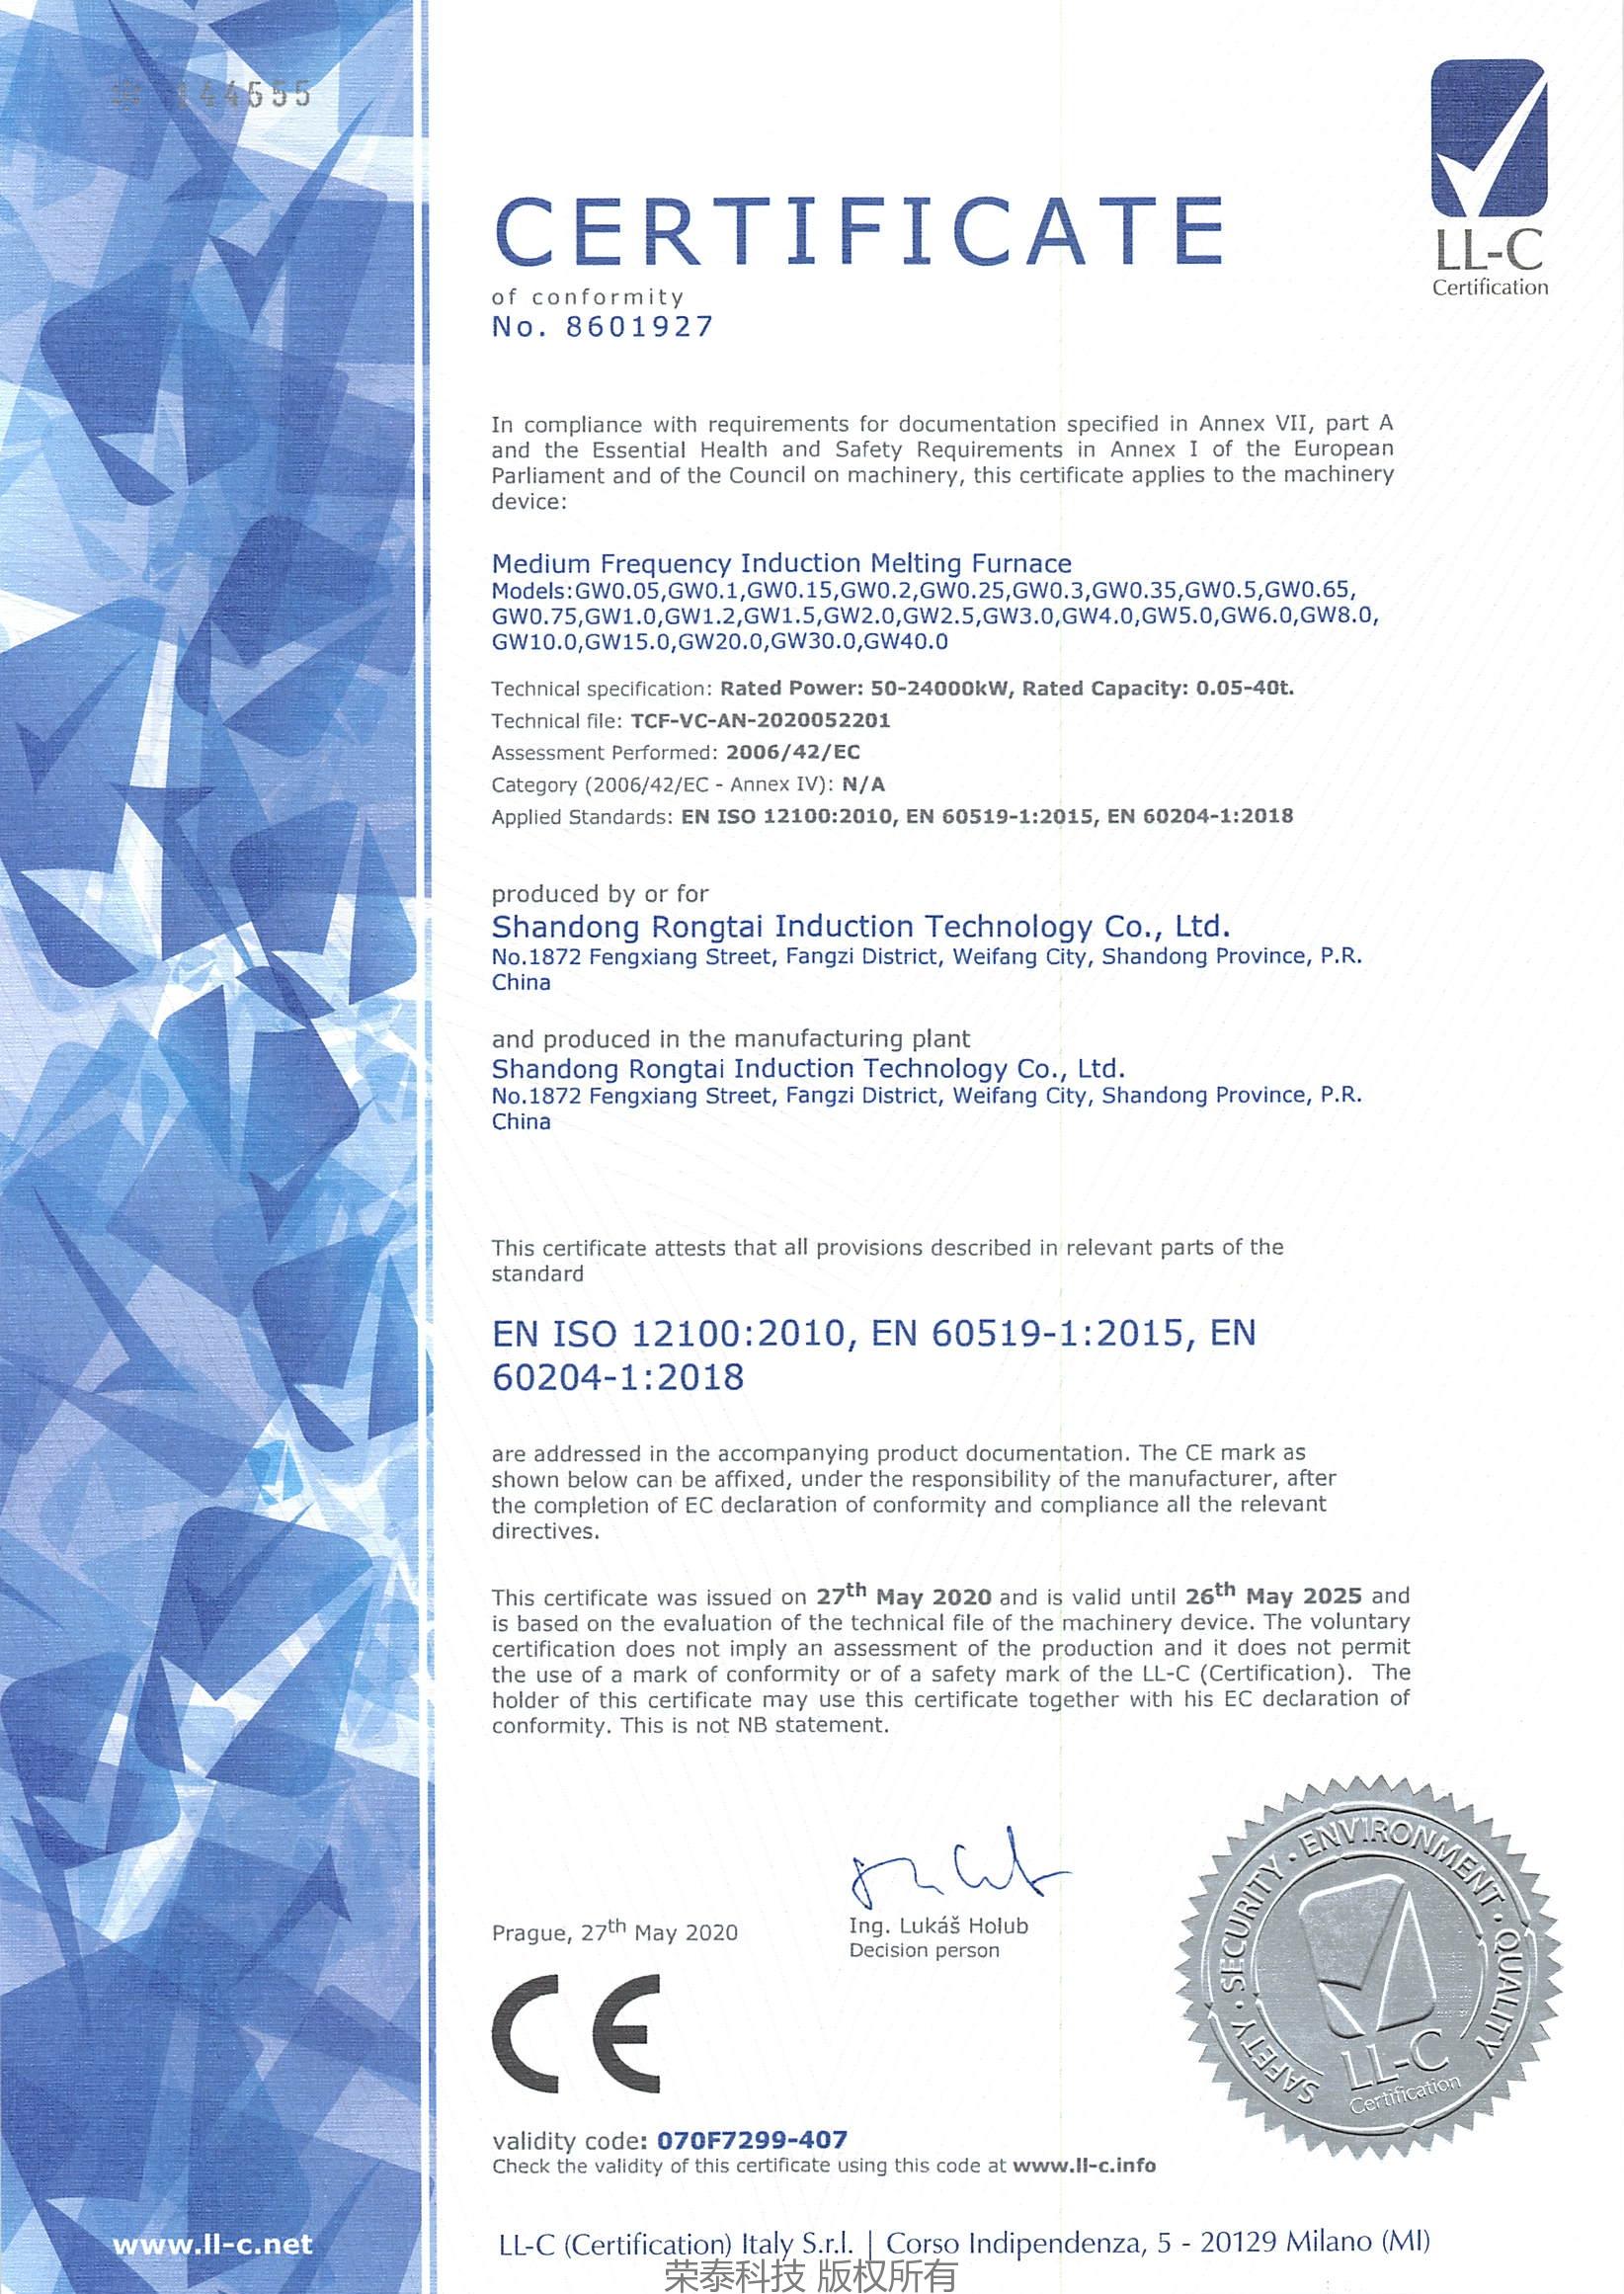 荣泰产品通过CE认证